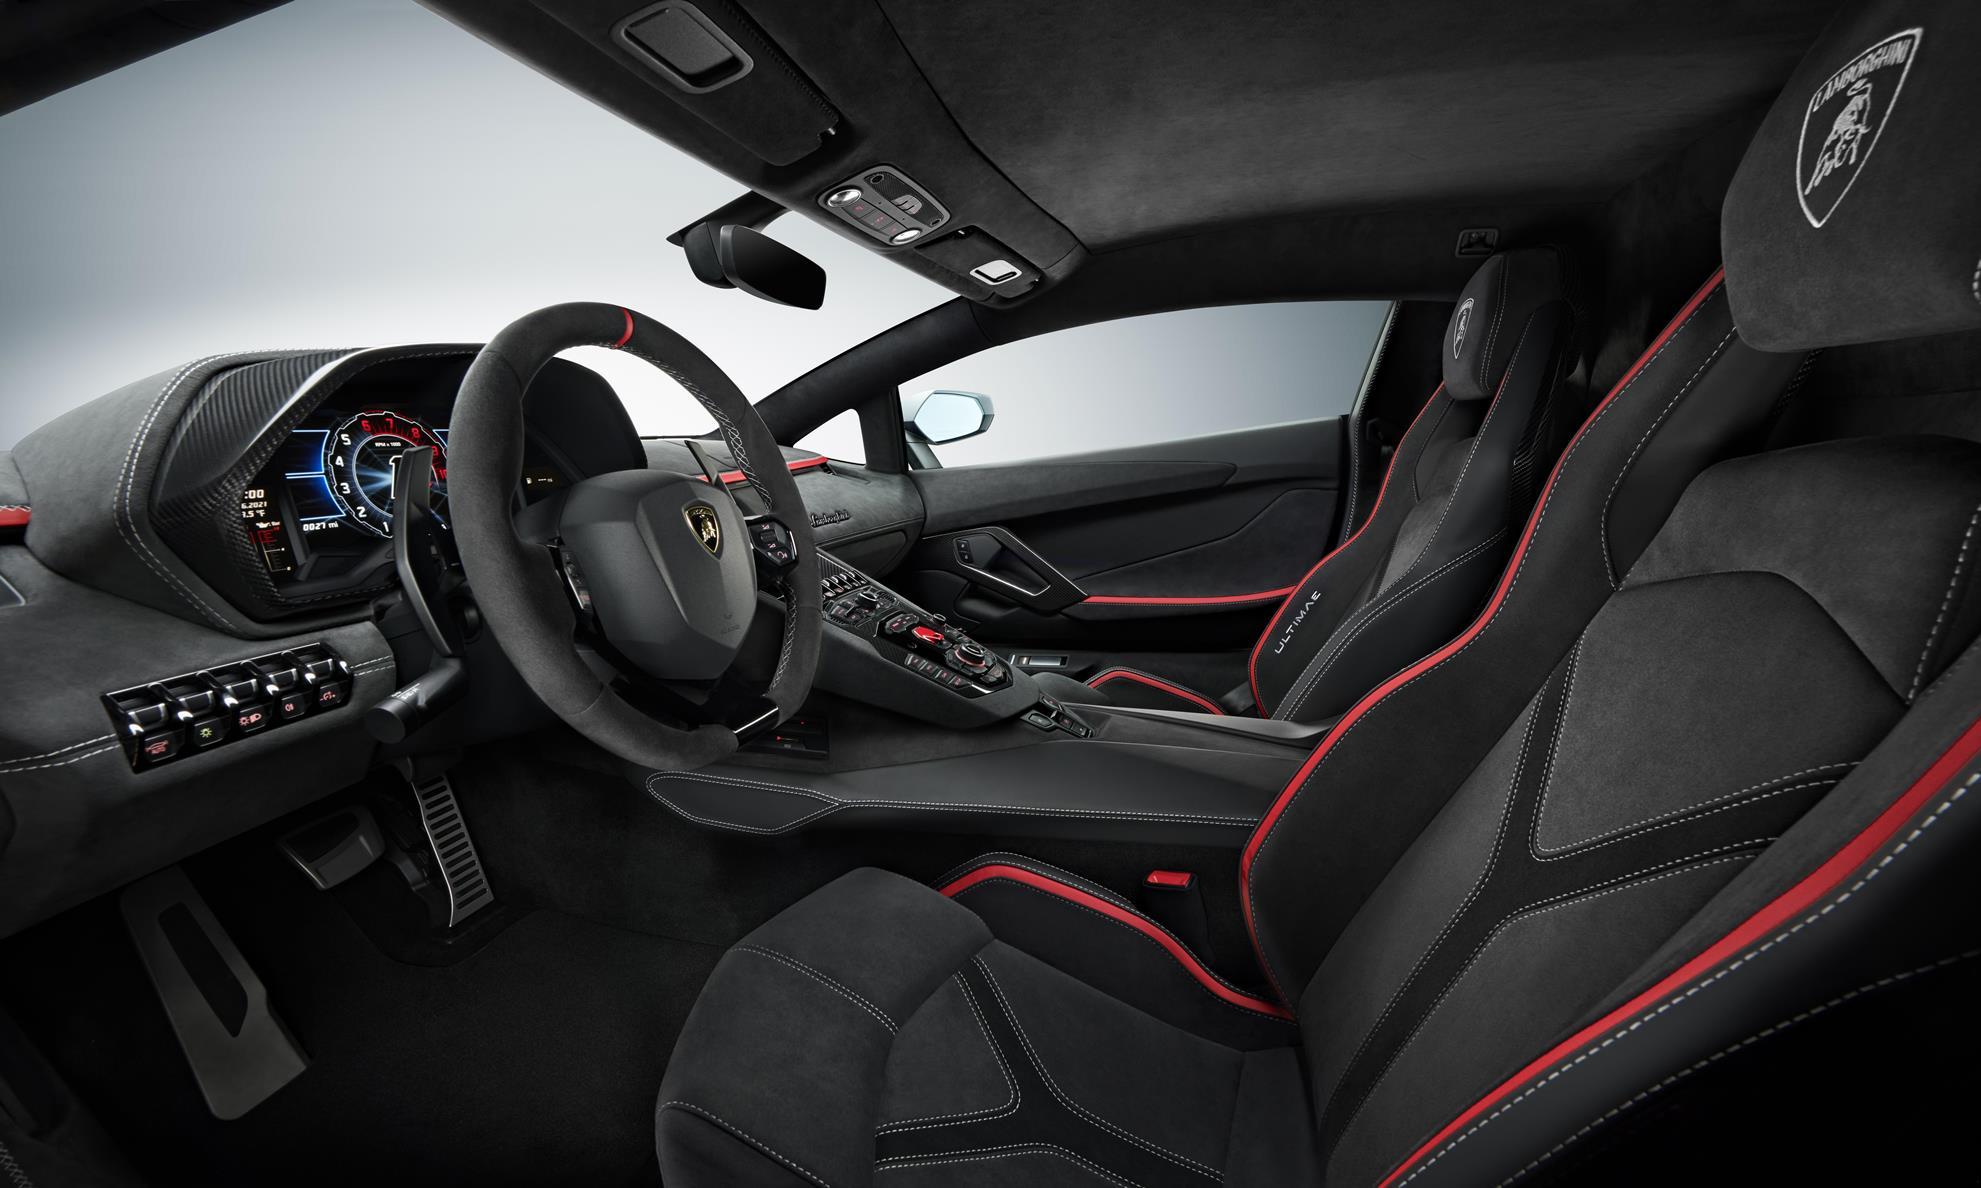 Lamborghini Aventador LP780-4 Ultimae interior